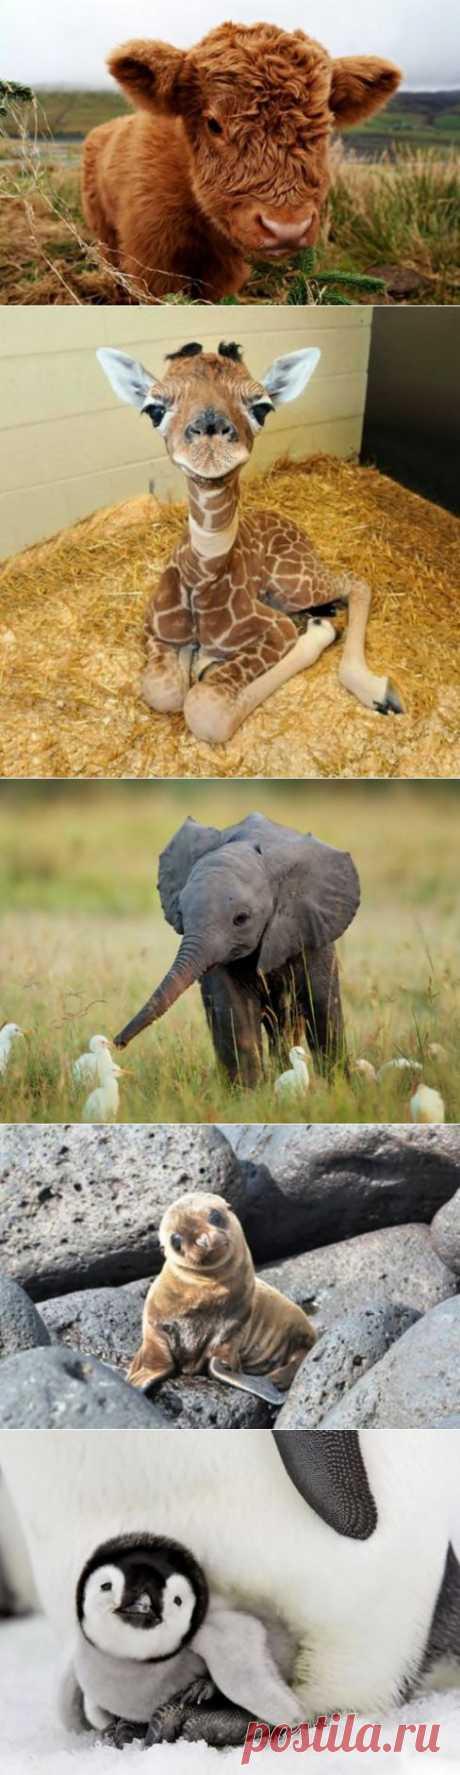 Прелестные детёныши животных (25 фото).